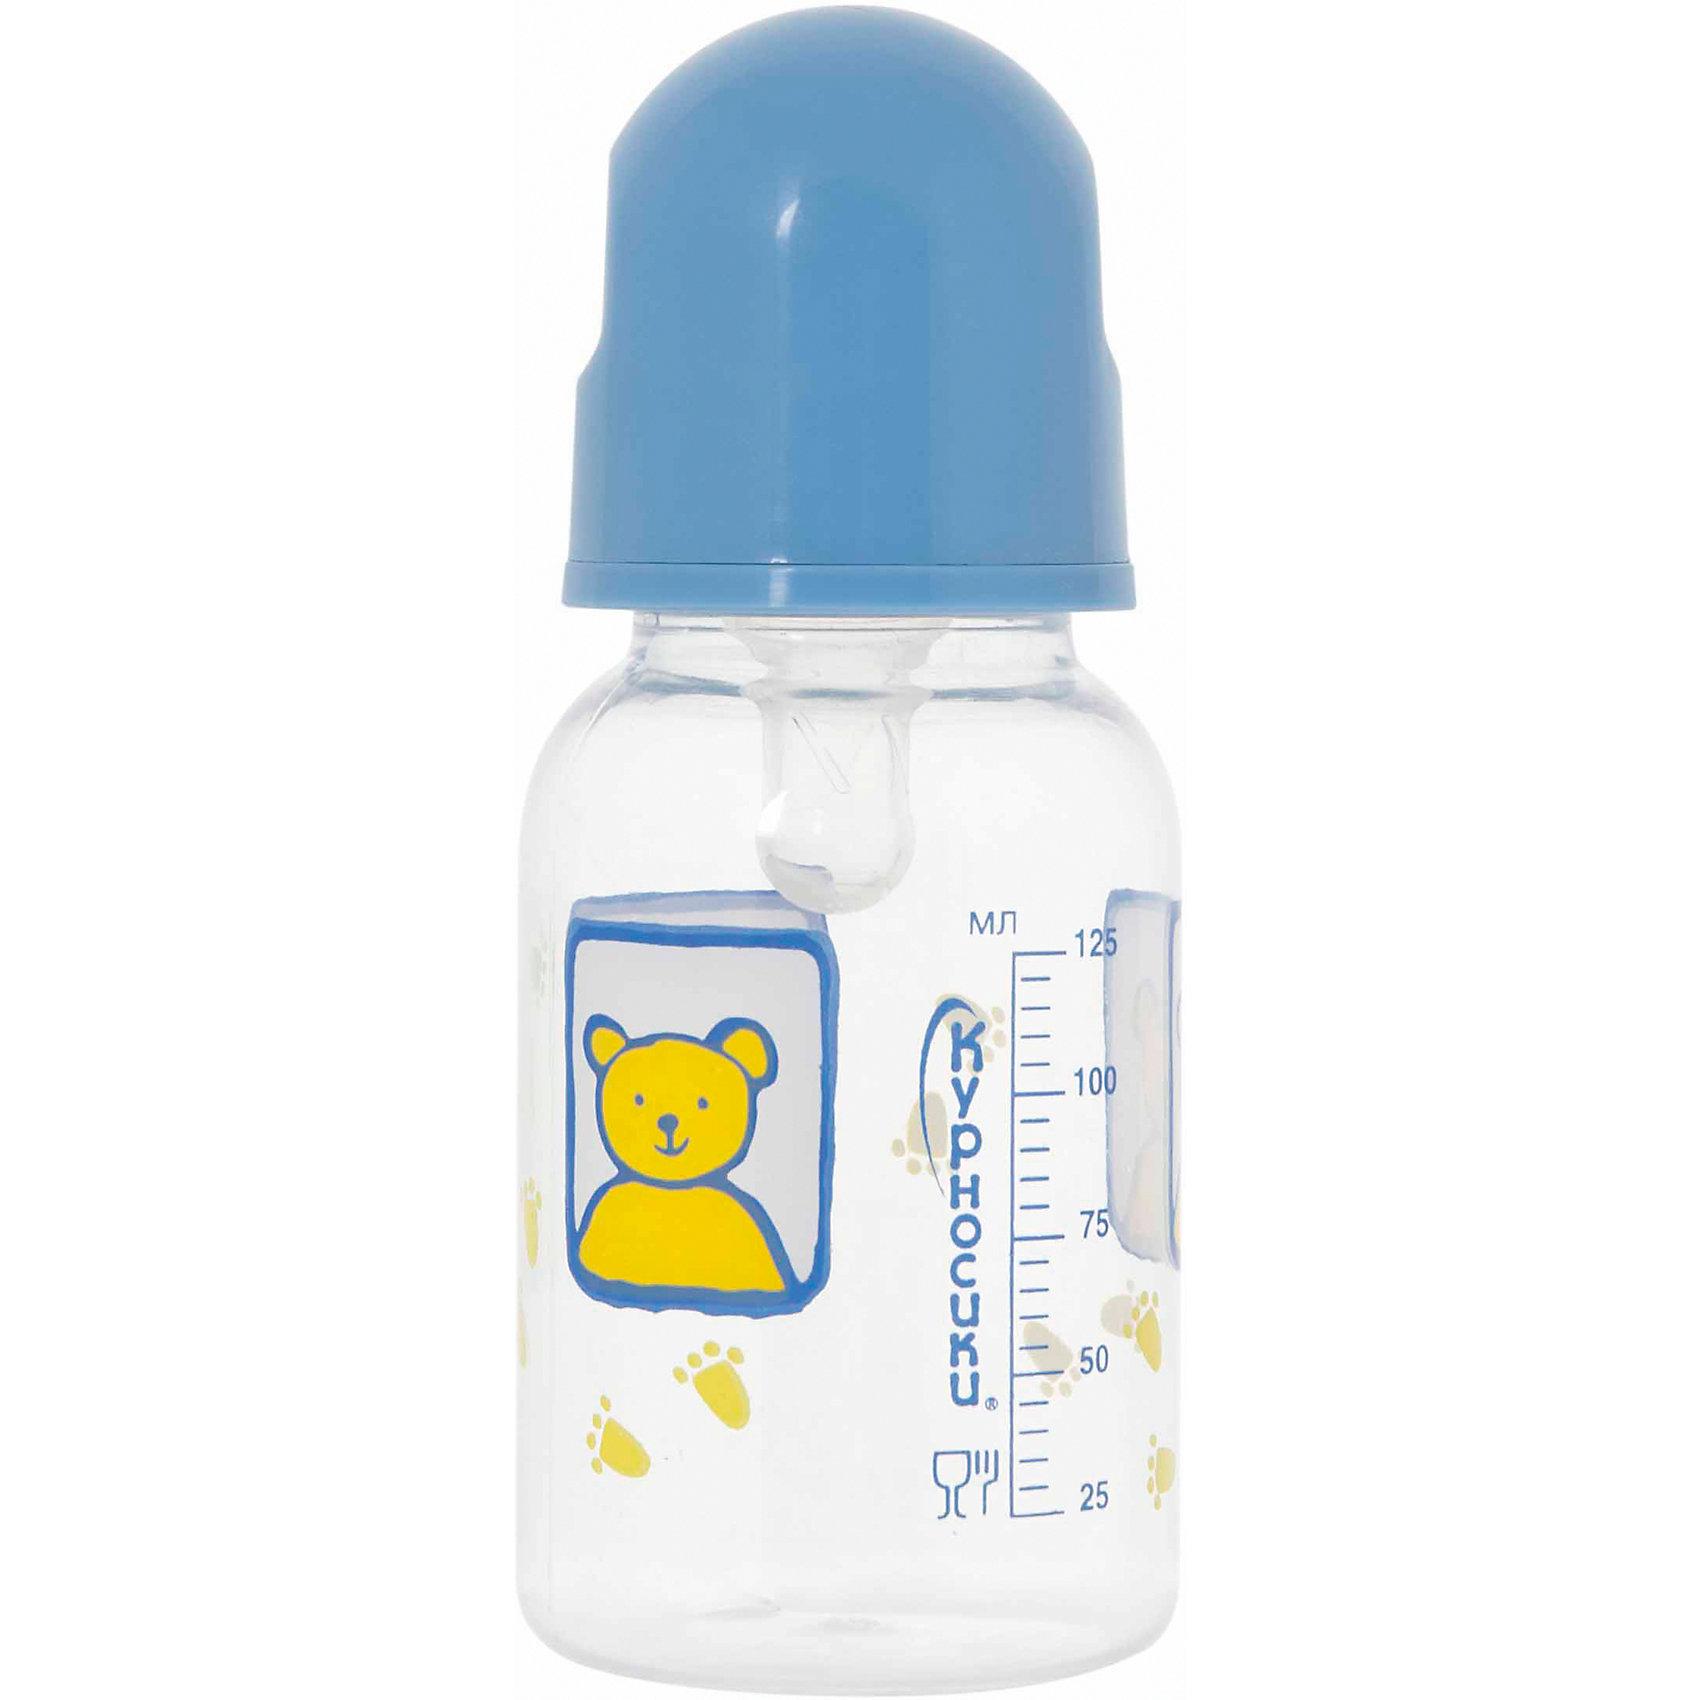 Бутылочка с крышкой и силиконовой соской, 125 мл, Kurnosiki, голубойБутылочки и аксессуары<br>Характеристики:<br><br>• Наименование: бутылка для кормления<br>• Рекомендуемый возраст: от 0 месяцев<br>• Пол: для мальчика<br>• Объем: 125 мл<br>• Материал: силикон, пластик<br>• Цвет: голубой<br>• Рисунок: медвежонок<br>• Форма соски: классическая<br>• Поток у соски: медленный<br>• Комплектация: бутылочка, соска, колпачок<br>• Узкое горлышко<br>• Вес: 50 г<br>• Можно использовать в СВЧ и посудомоечной машине<br>• Особенности ухода: регулярная стерилизация и своевременная замена соски<br><br>Бутылочка с крышкой и силиконовой соской, 125 мл, Kurnosiki, голубой выполнена из прочного и термостойкого пластика, на котором не появляются царапины и сколы. У бутылочки узкое горлышко. Силиконовая соска классической формы, не имеет цвета и запаха, обладает повышенными гипоаллергенными свойствами. <br><br>Изделие выполнено в стильном дизайне: на бутылочку нанесено брендовое изображение медвежонка. Рисунок устойчив к выцветанию и истиранию. Бутылочка с крышкой и силиконовой соской, 125 мл, Kurnosiki, голубой – это практичный и стильный предмет для кормления малыша!<br><br>Бутылочку с крышкой и силиконовой соской, 125 мл, Kurnosiki, голубой можно купить в нашем интернет-магазине.<br><br>Ширина мм: 55<br>Глубина мм: 75<br>Высота мм: 160<br>Вес г: 69<br>Возраст от месяцев: 0<br>Возраст до месяцев: 18<br>Пол: Мужской<br>Возраст: Детский<br>SKU: 5428797